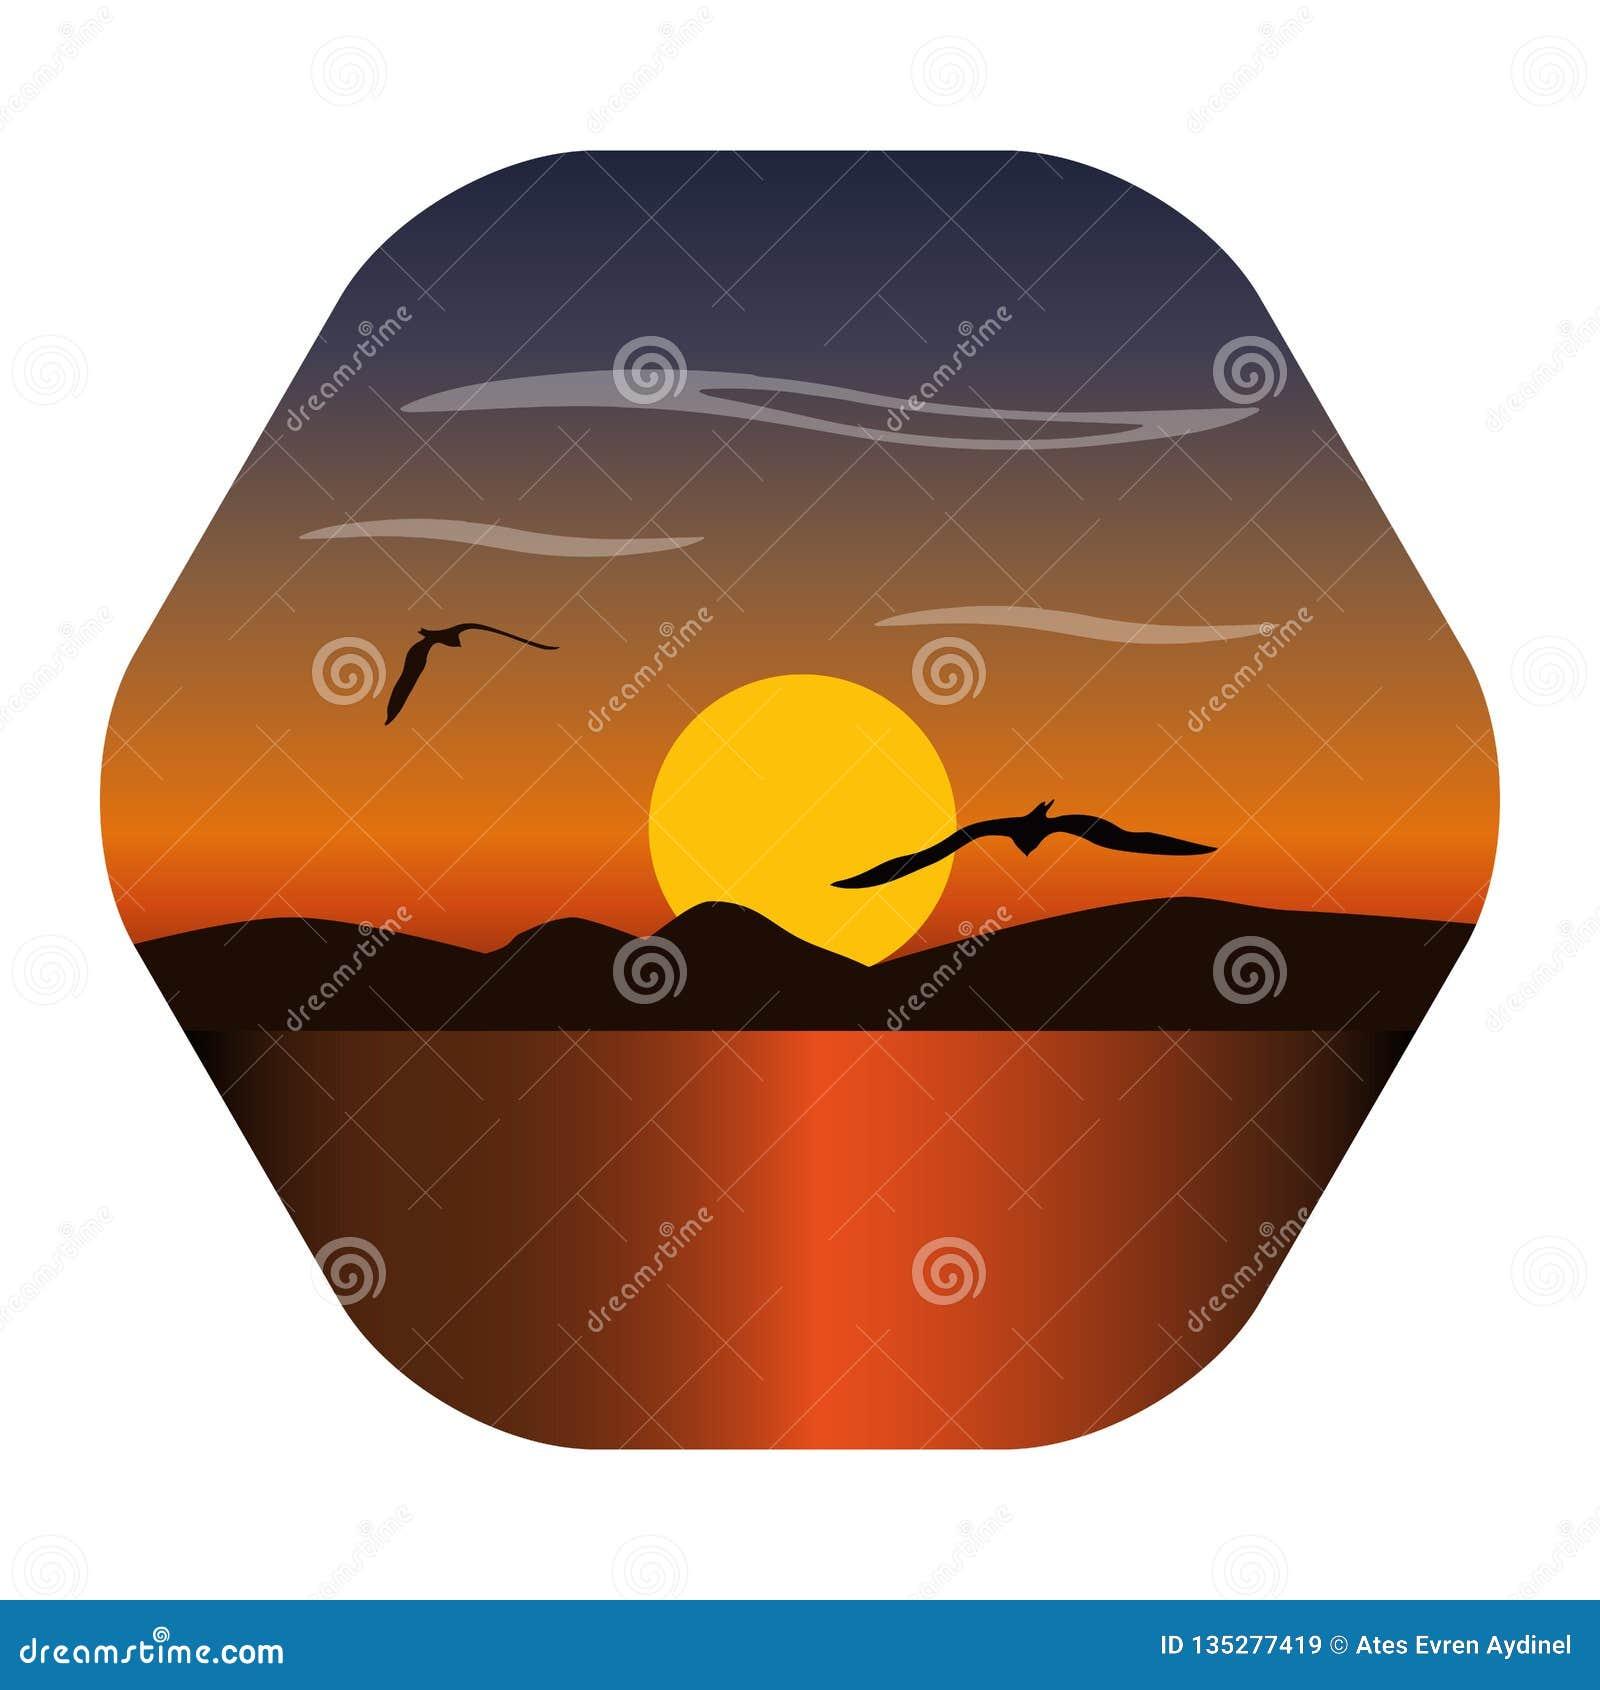 Landskapbild av en solnedgång, gryningsolen över bergen i bakgrunden och moln över